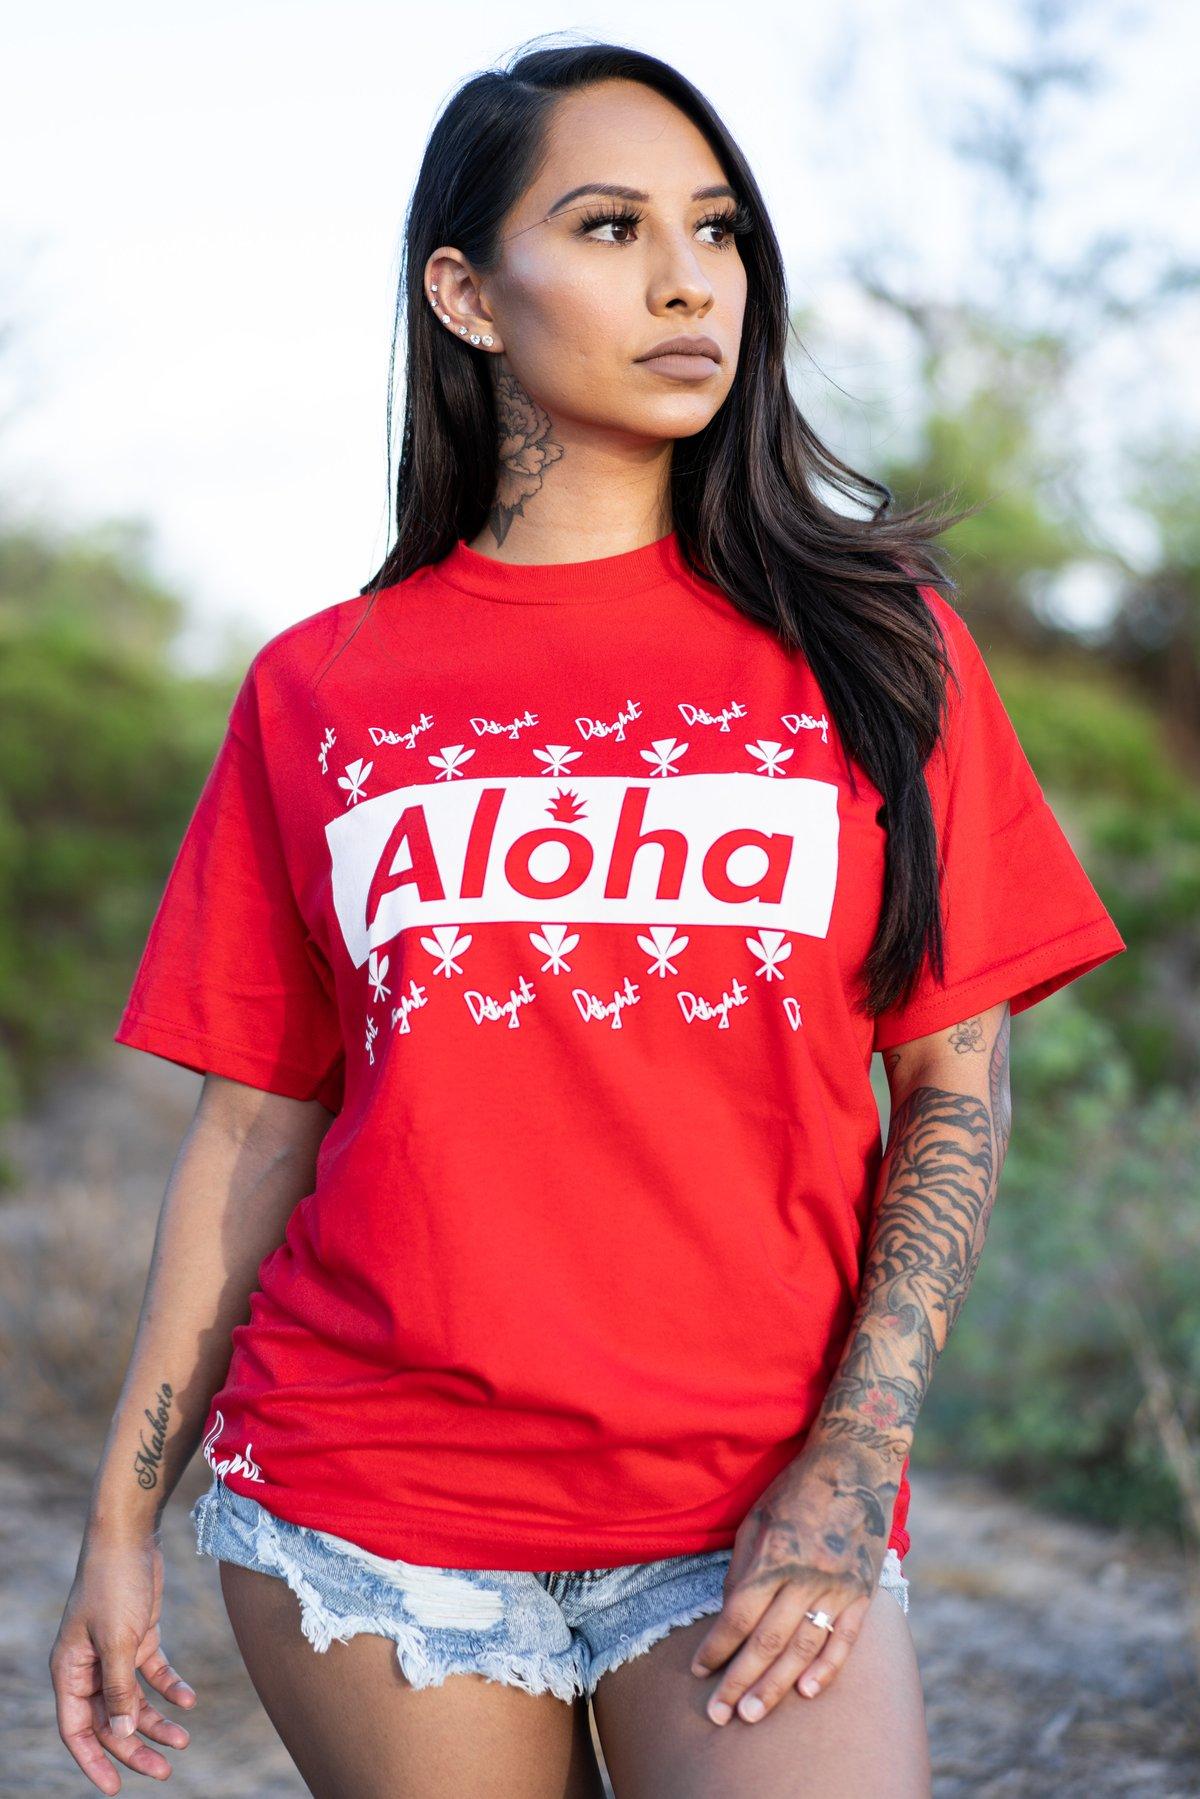 Aloha Slapped Red T-shirt